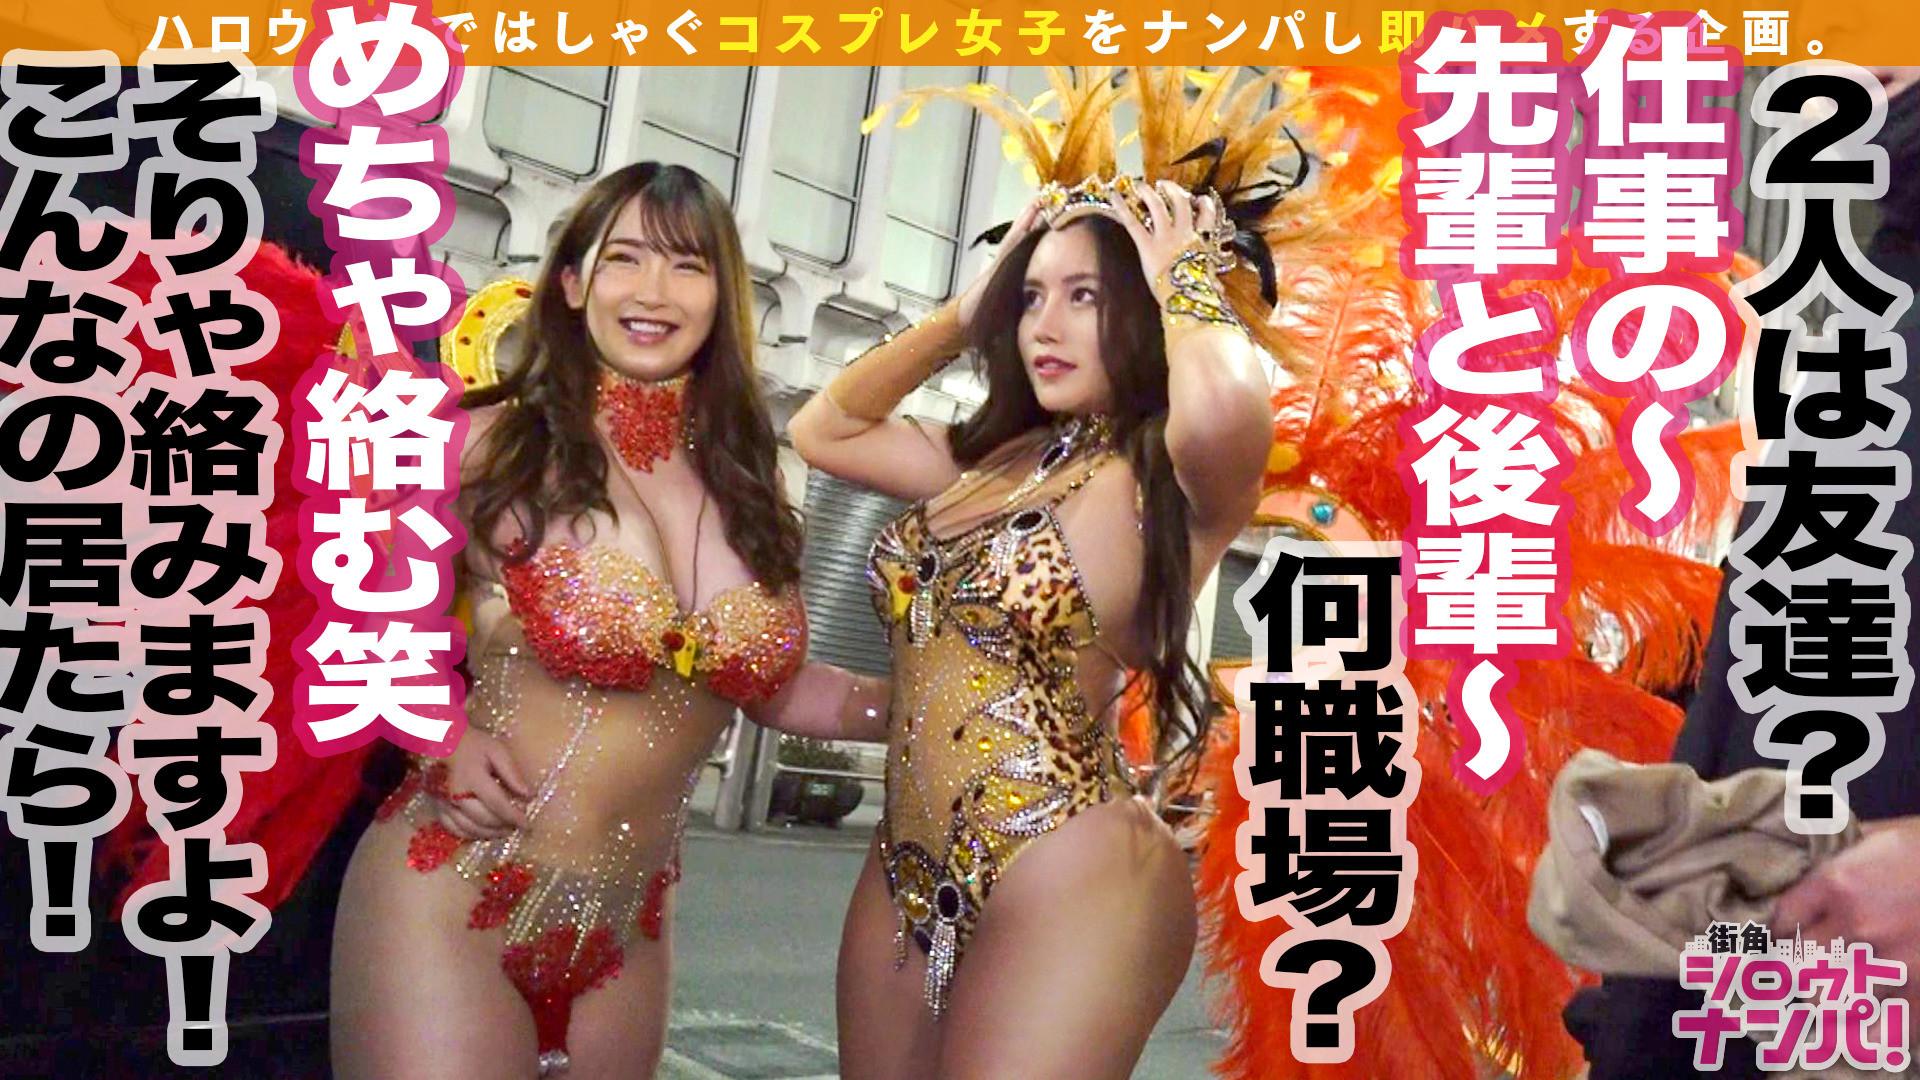 街角シロウトナンパ! vol.101 ハロウィンナンパ2020in渋谷★ 画像1